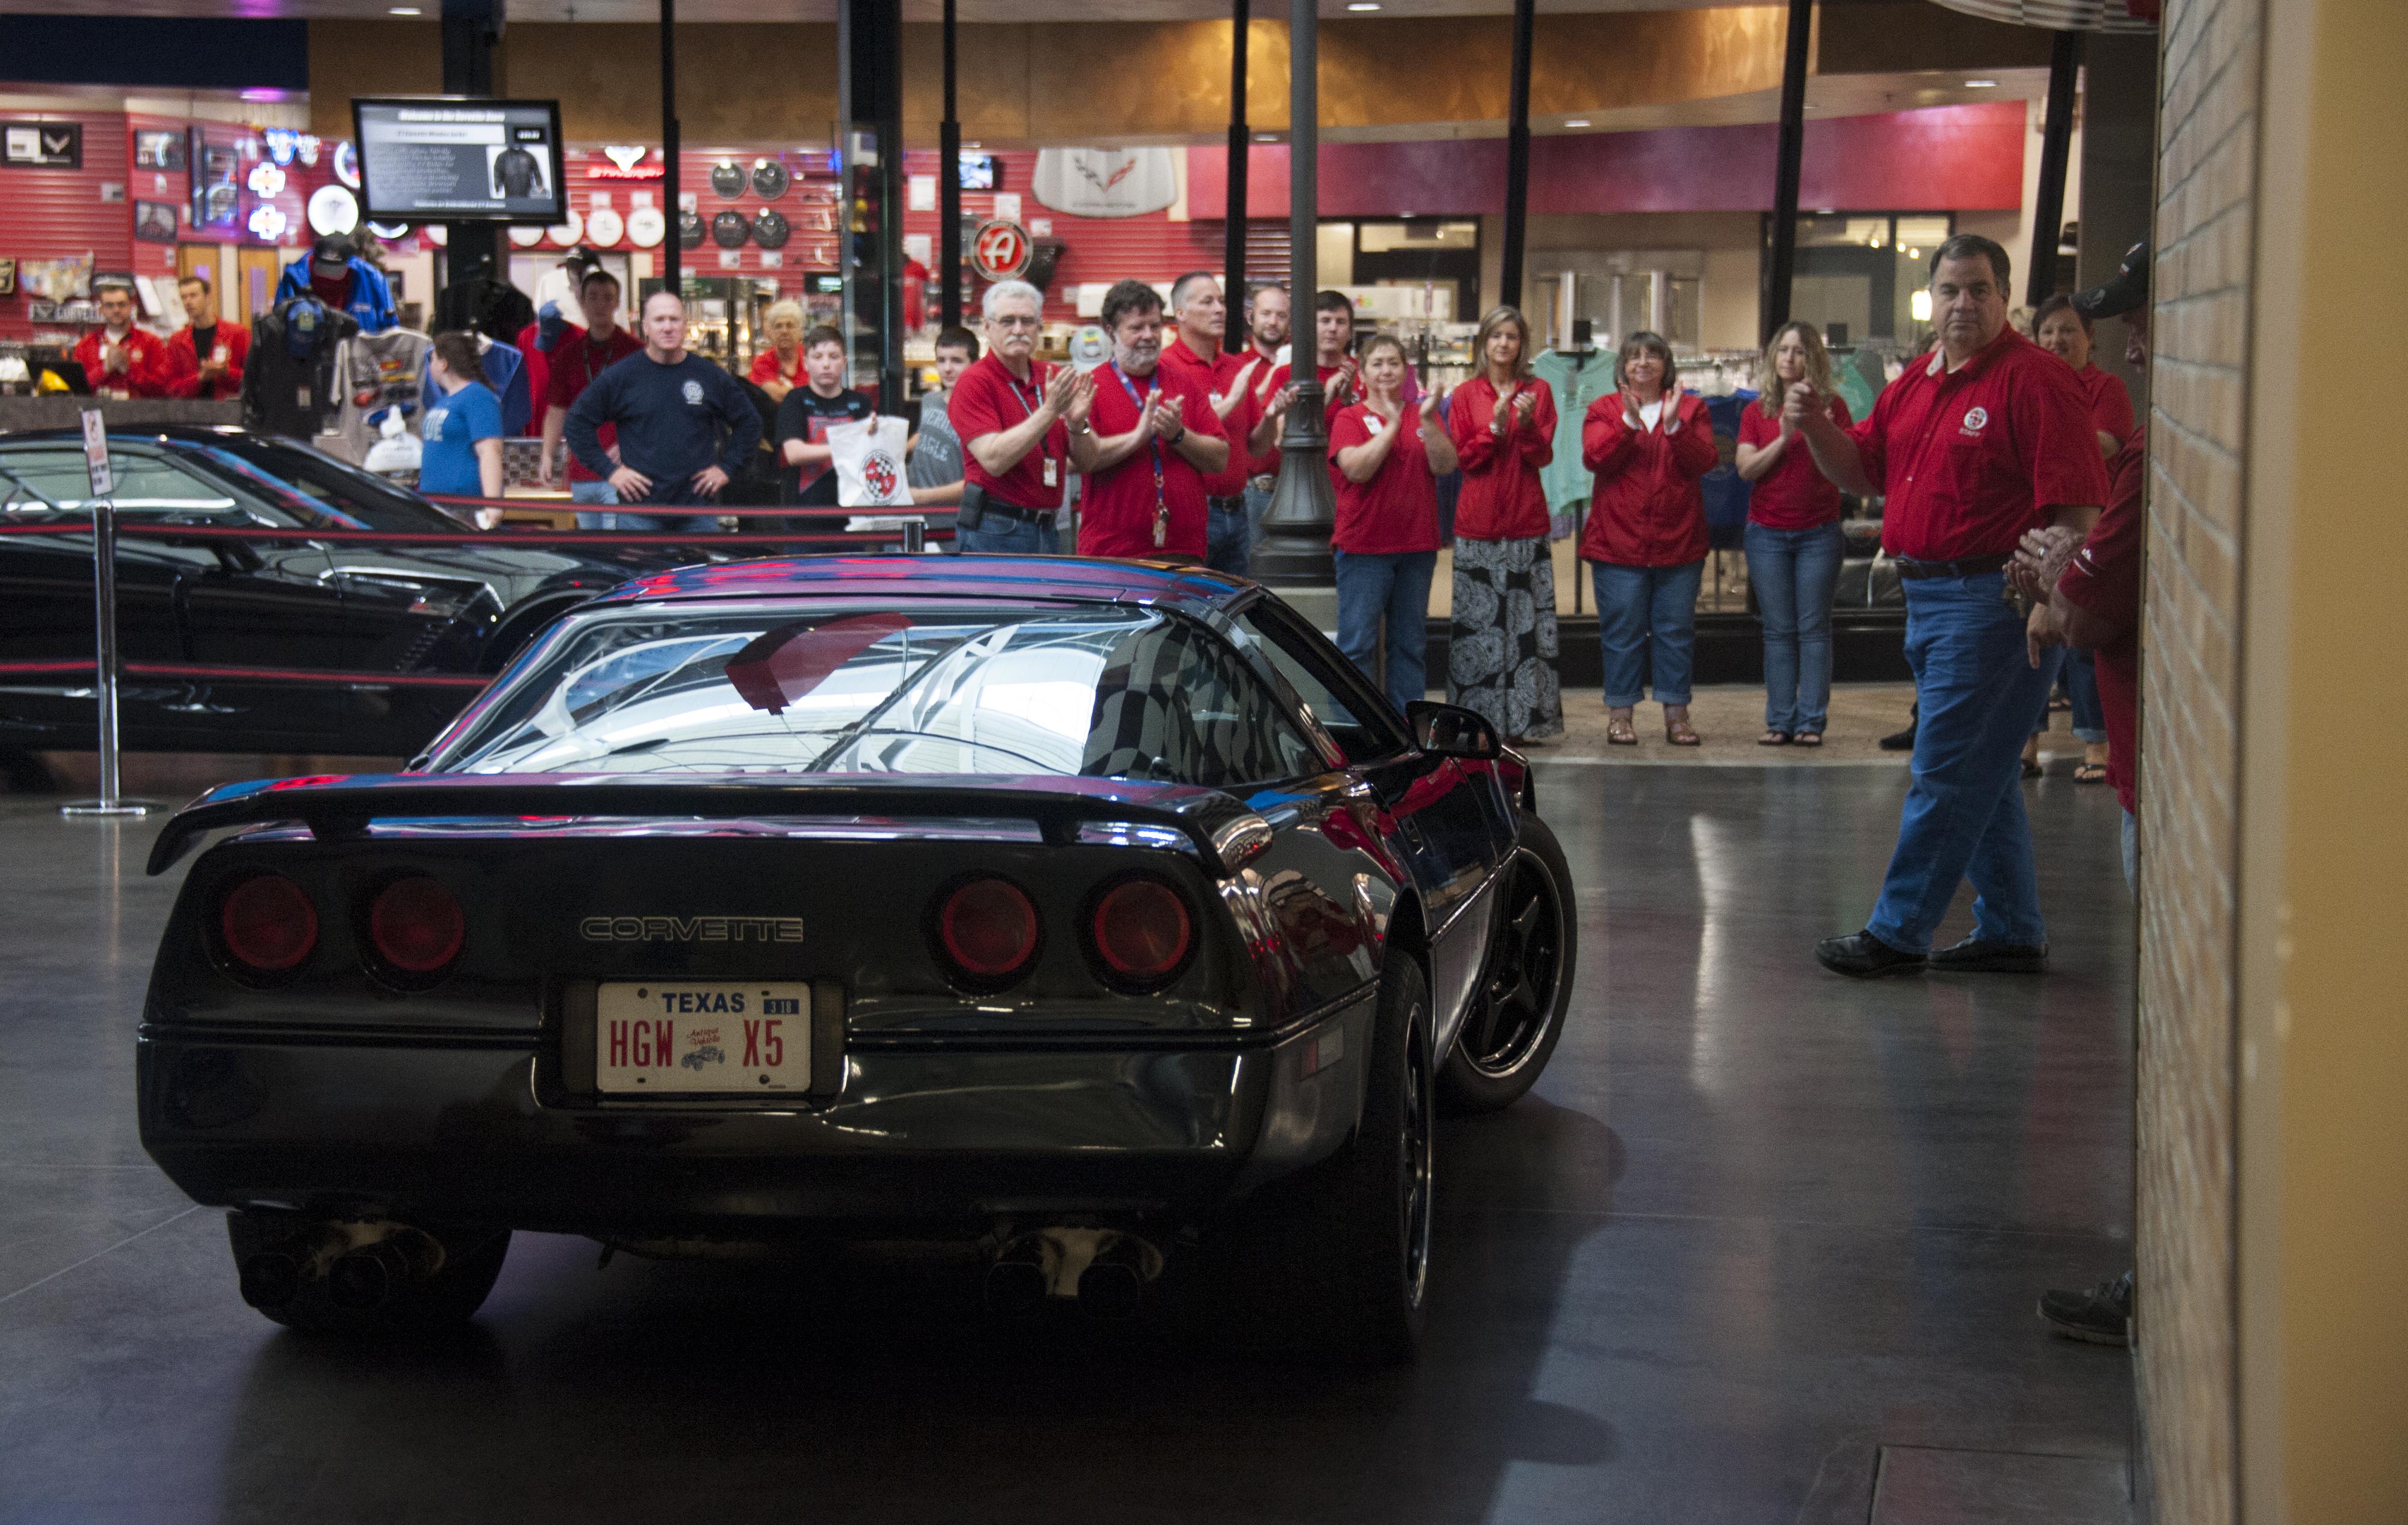 1985 Lingenfelter Corvette Donated – National Corvette Museum